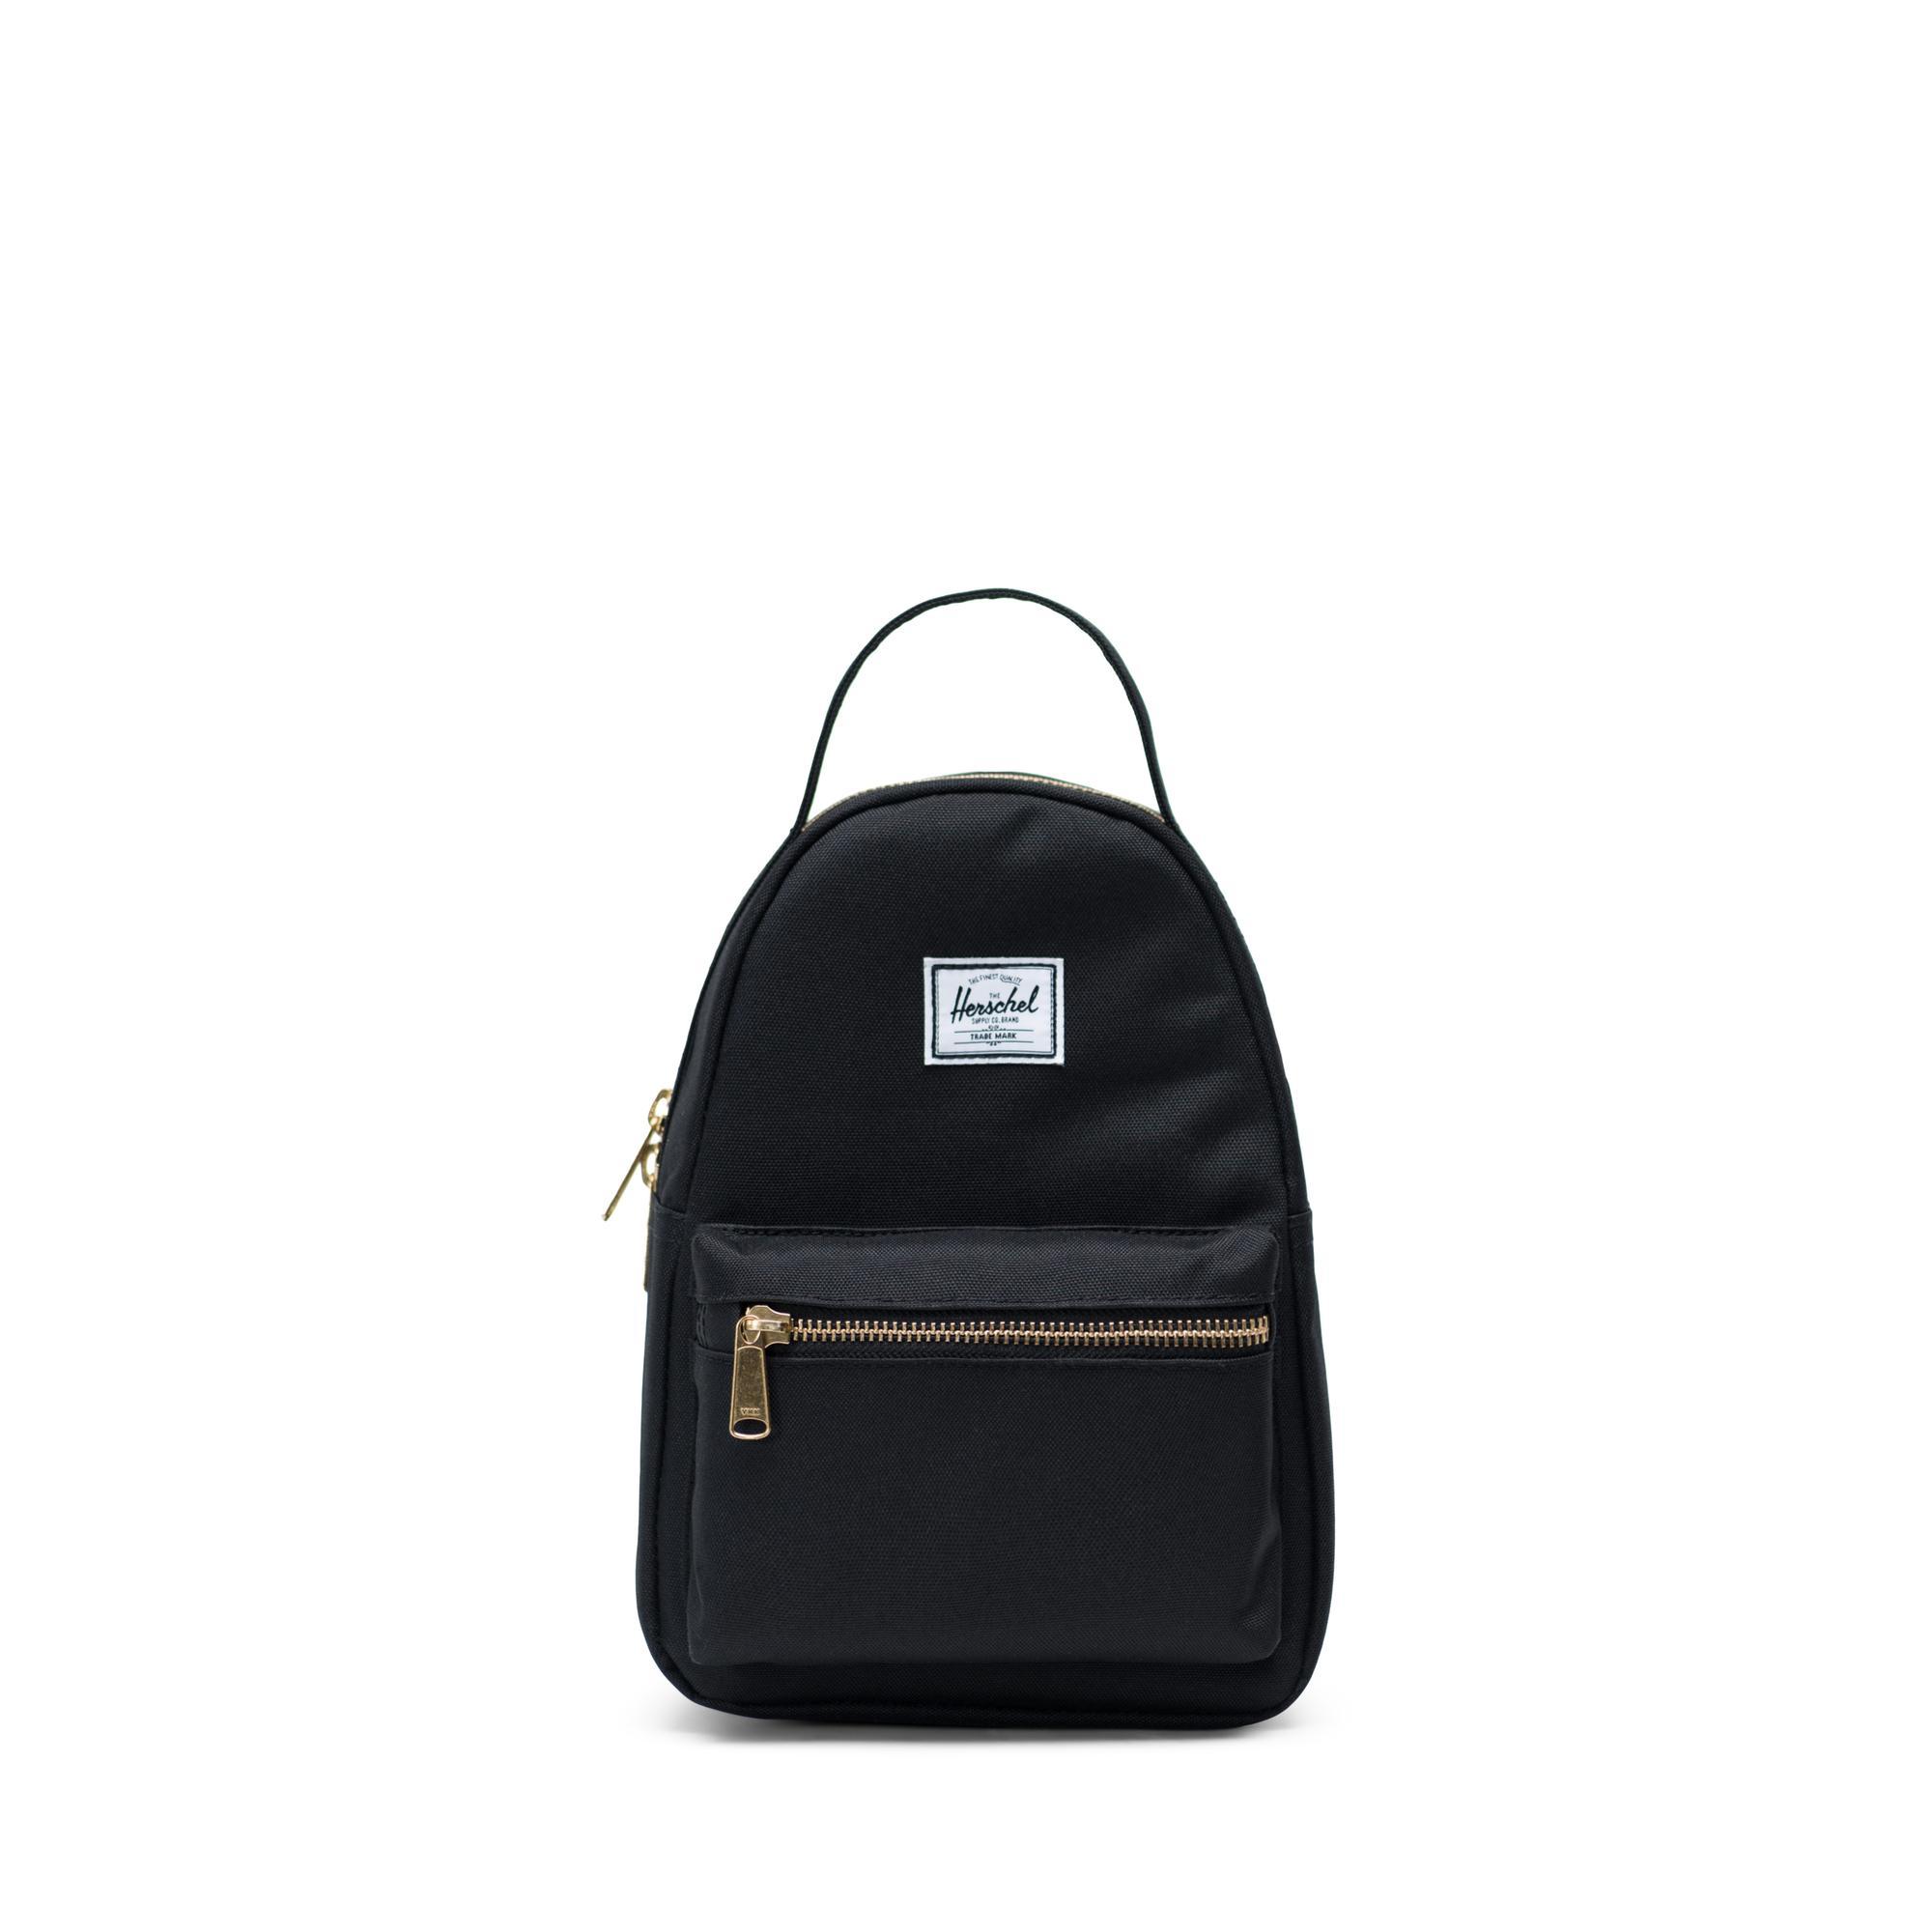 7927f17adb9 Nova Backpack Mini